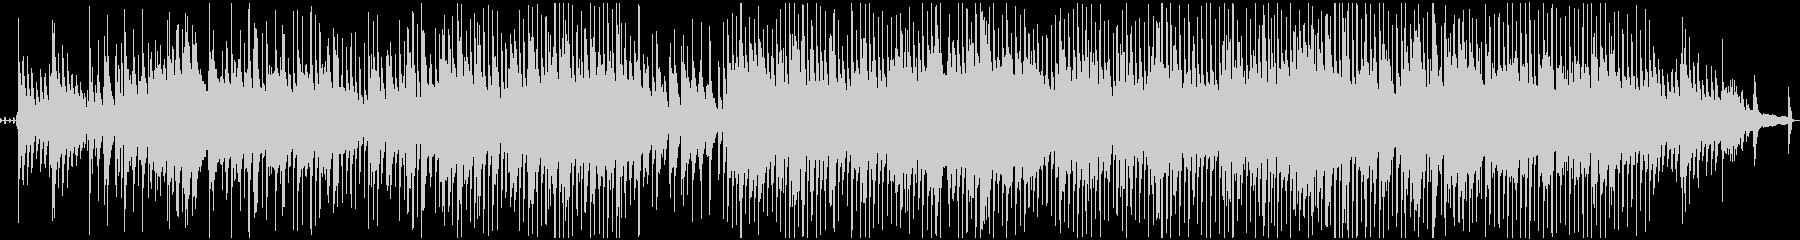 聖なる夜のピアノスロージャズの未再生の波形